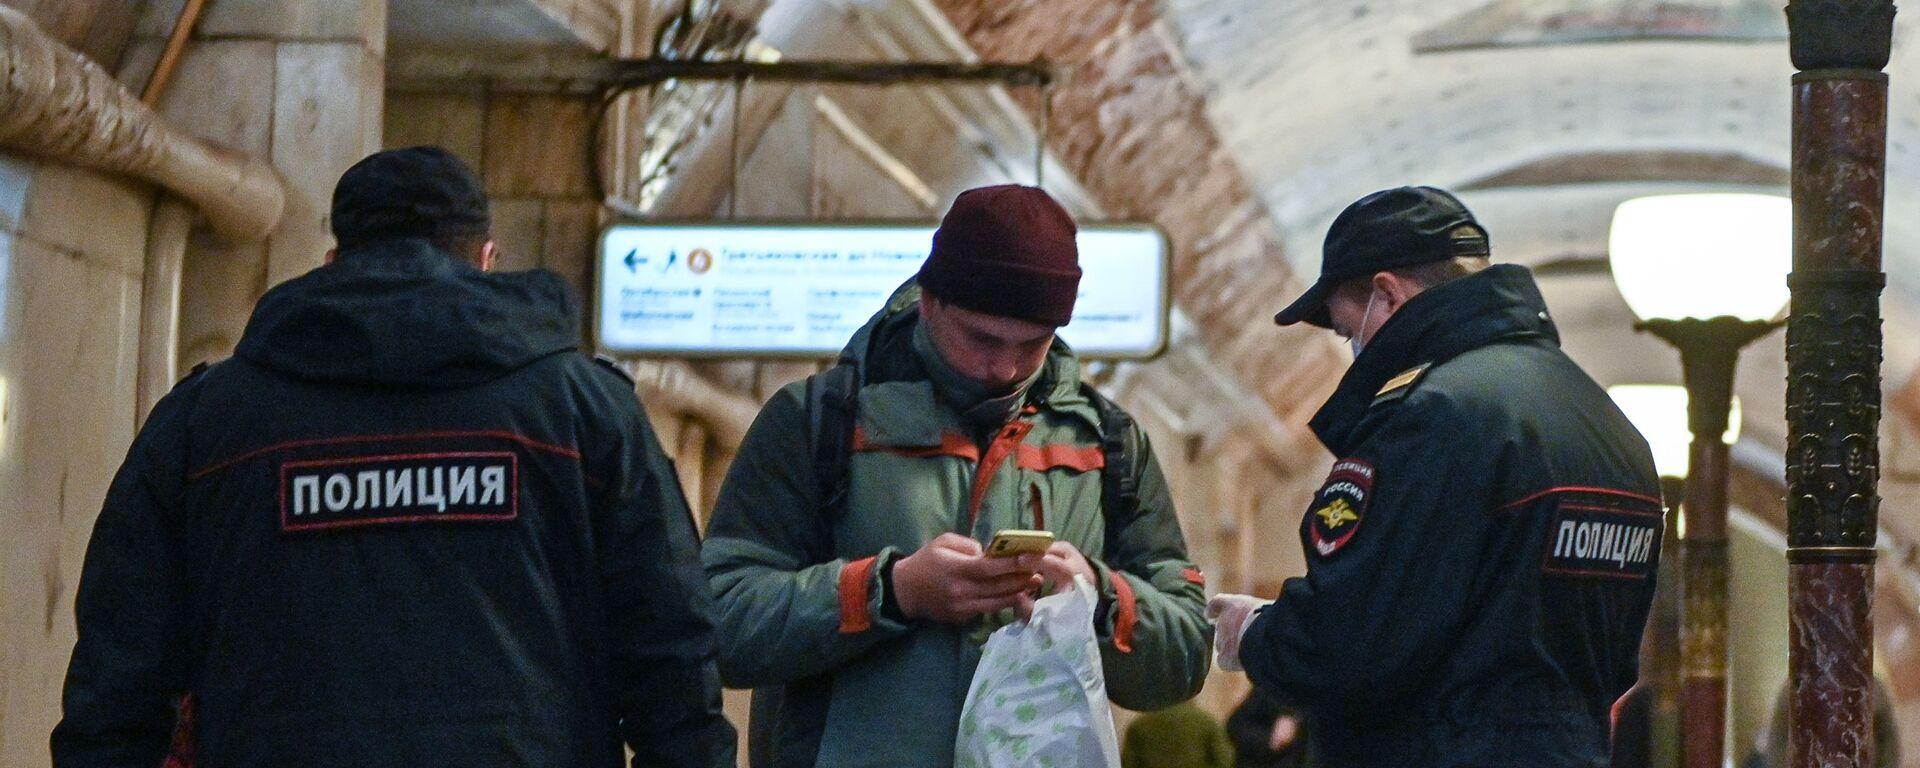 Полицейские и пассажир на станции метро Новокузнецкая в Москве - Sputnik Таджикистан, 1920, 28.01.2021